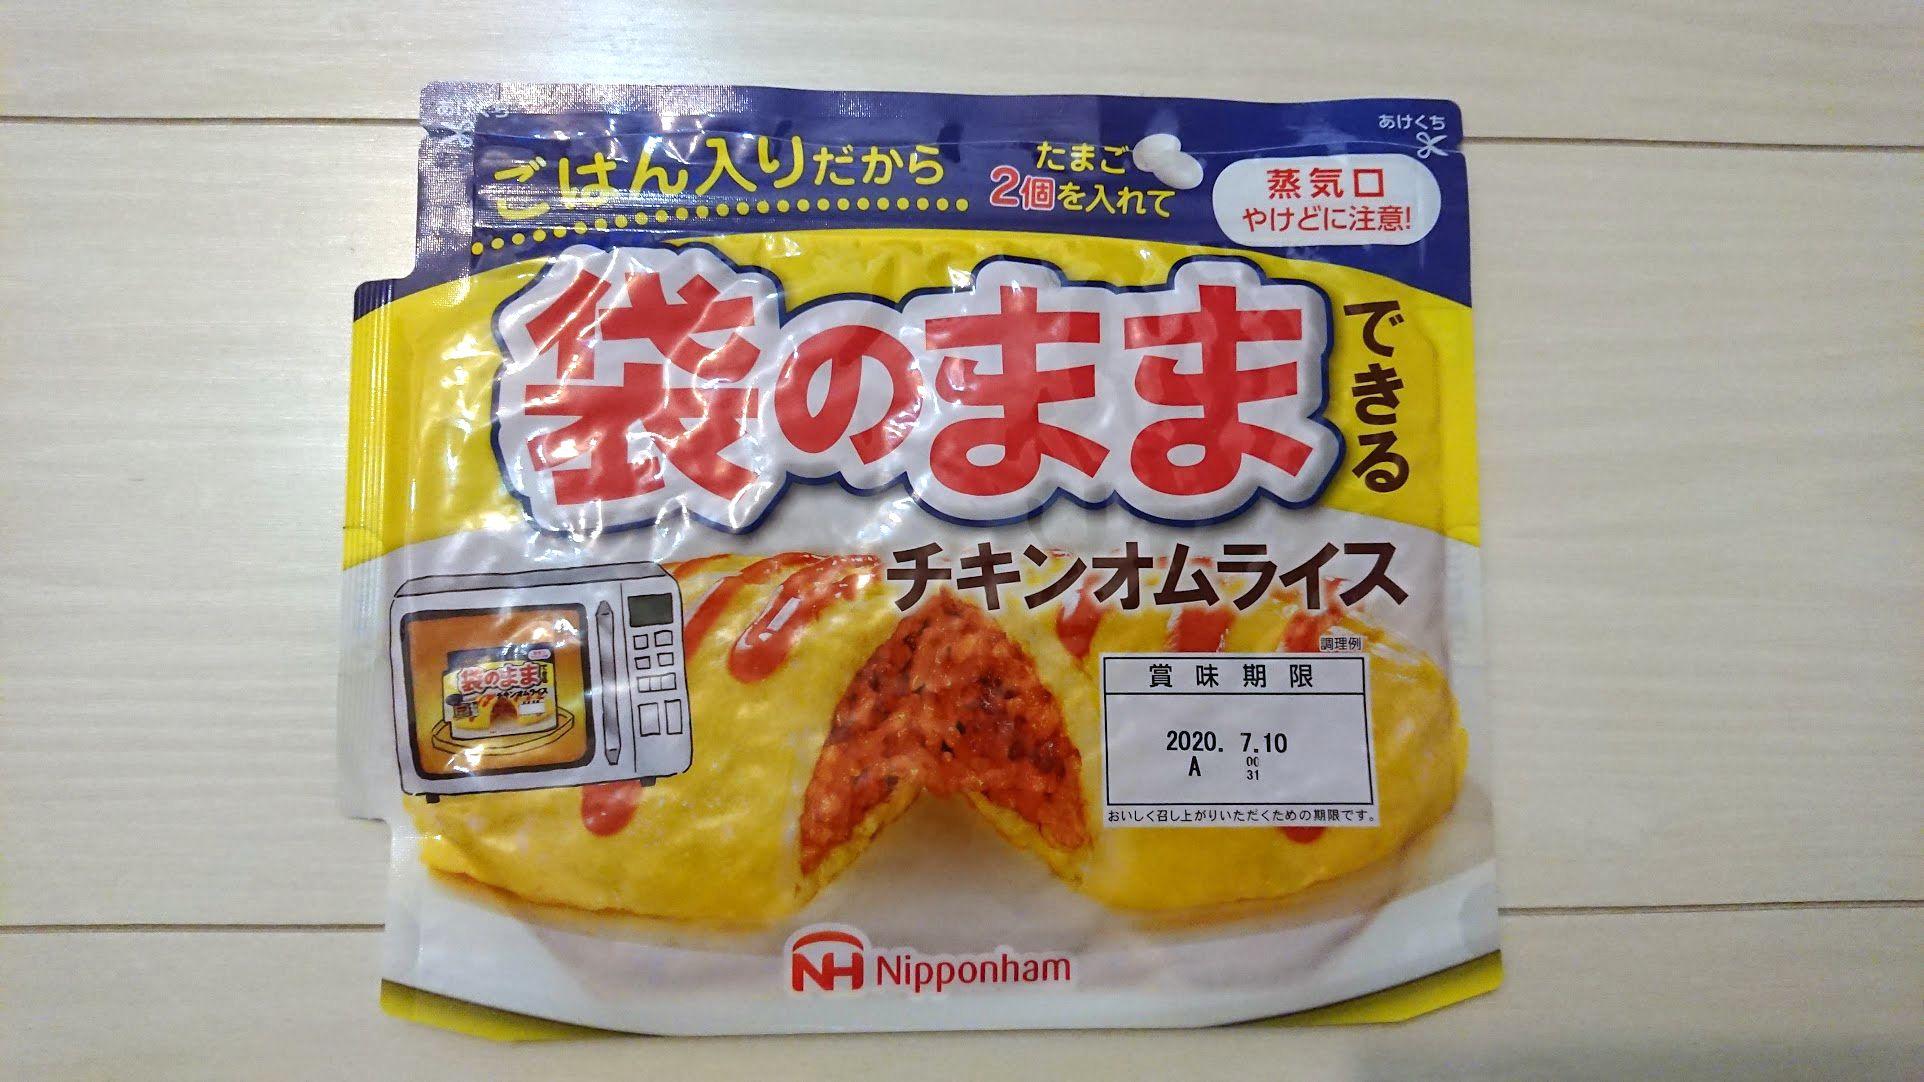 日本ハム「袋のままできるオムライス」のパッケージ表。